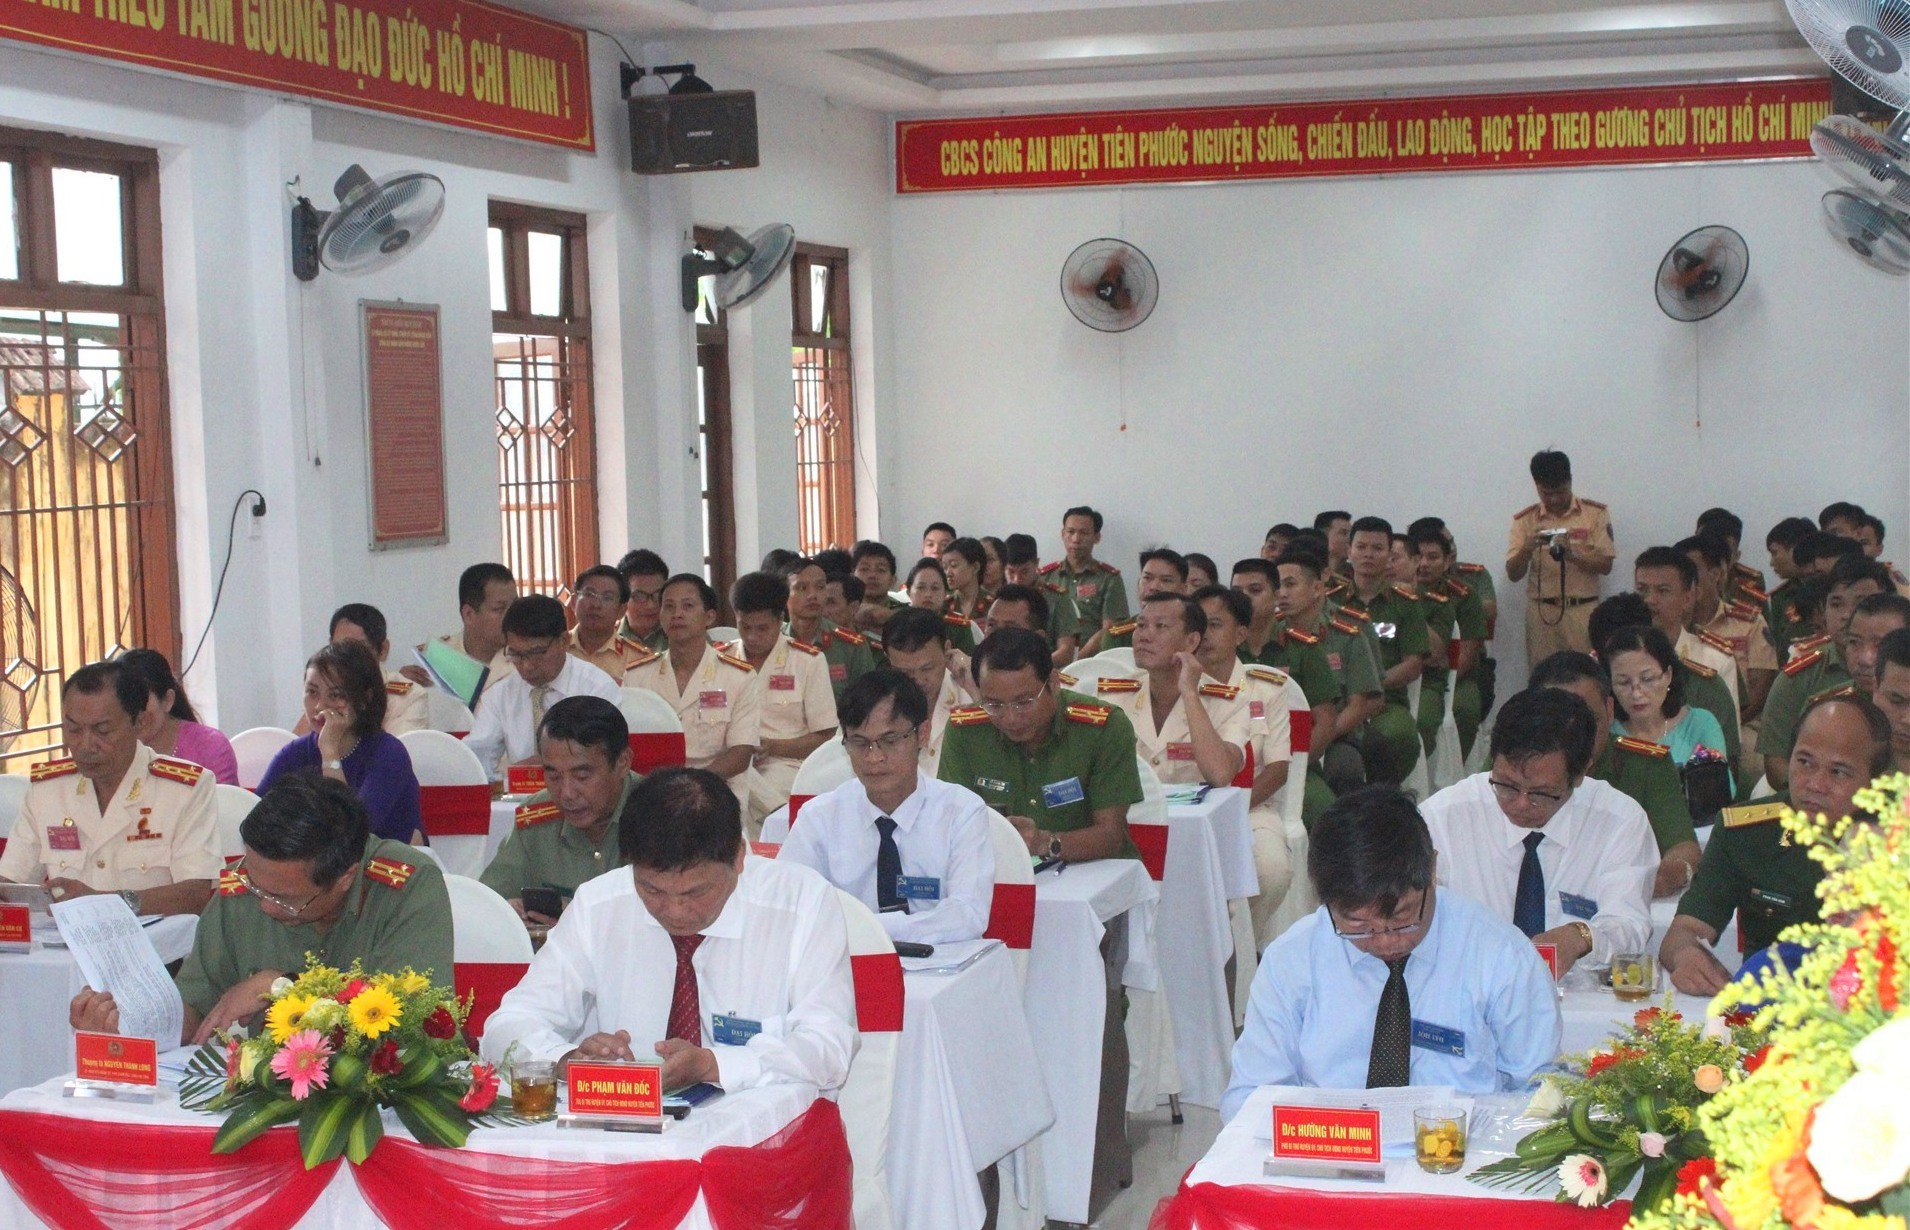 Công an huyện Tiên Phước chú trọng xây dựng lực lượng vững mạnh, chính quy, tinh nhuệ. Ảnh: D.L